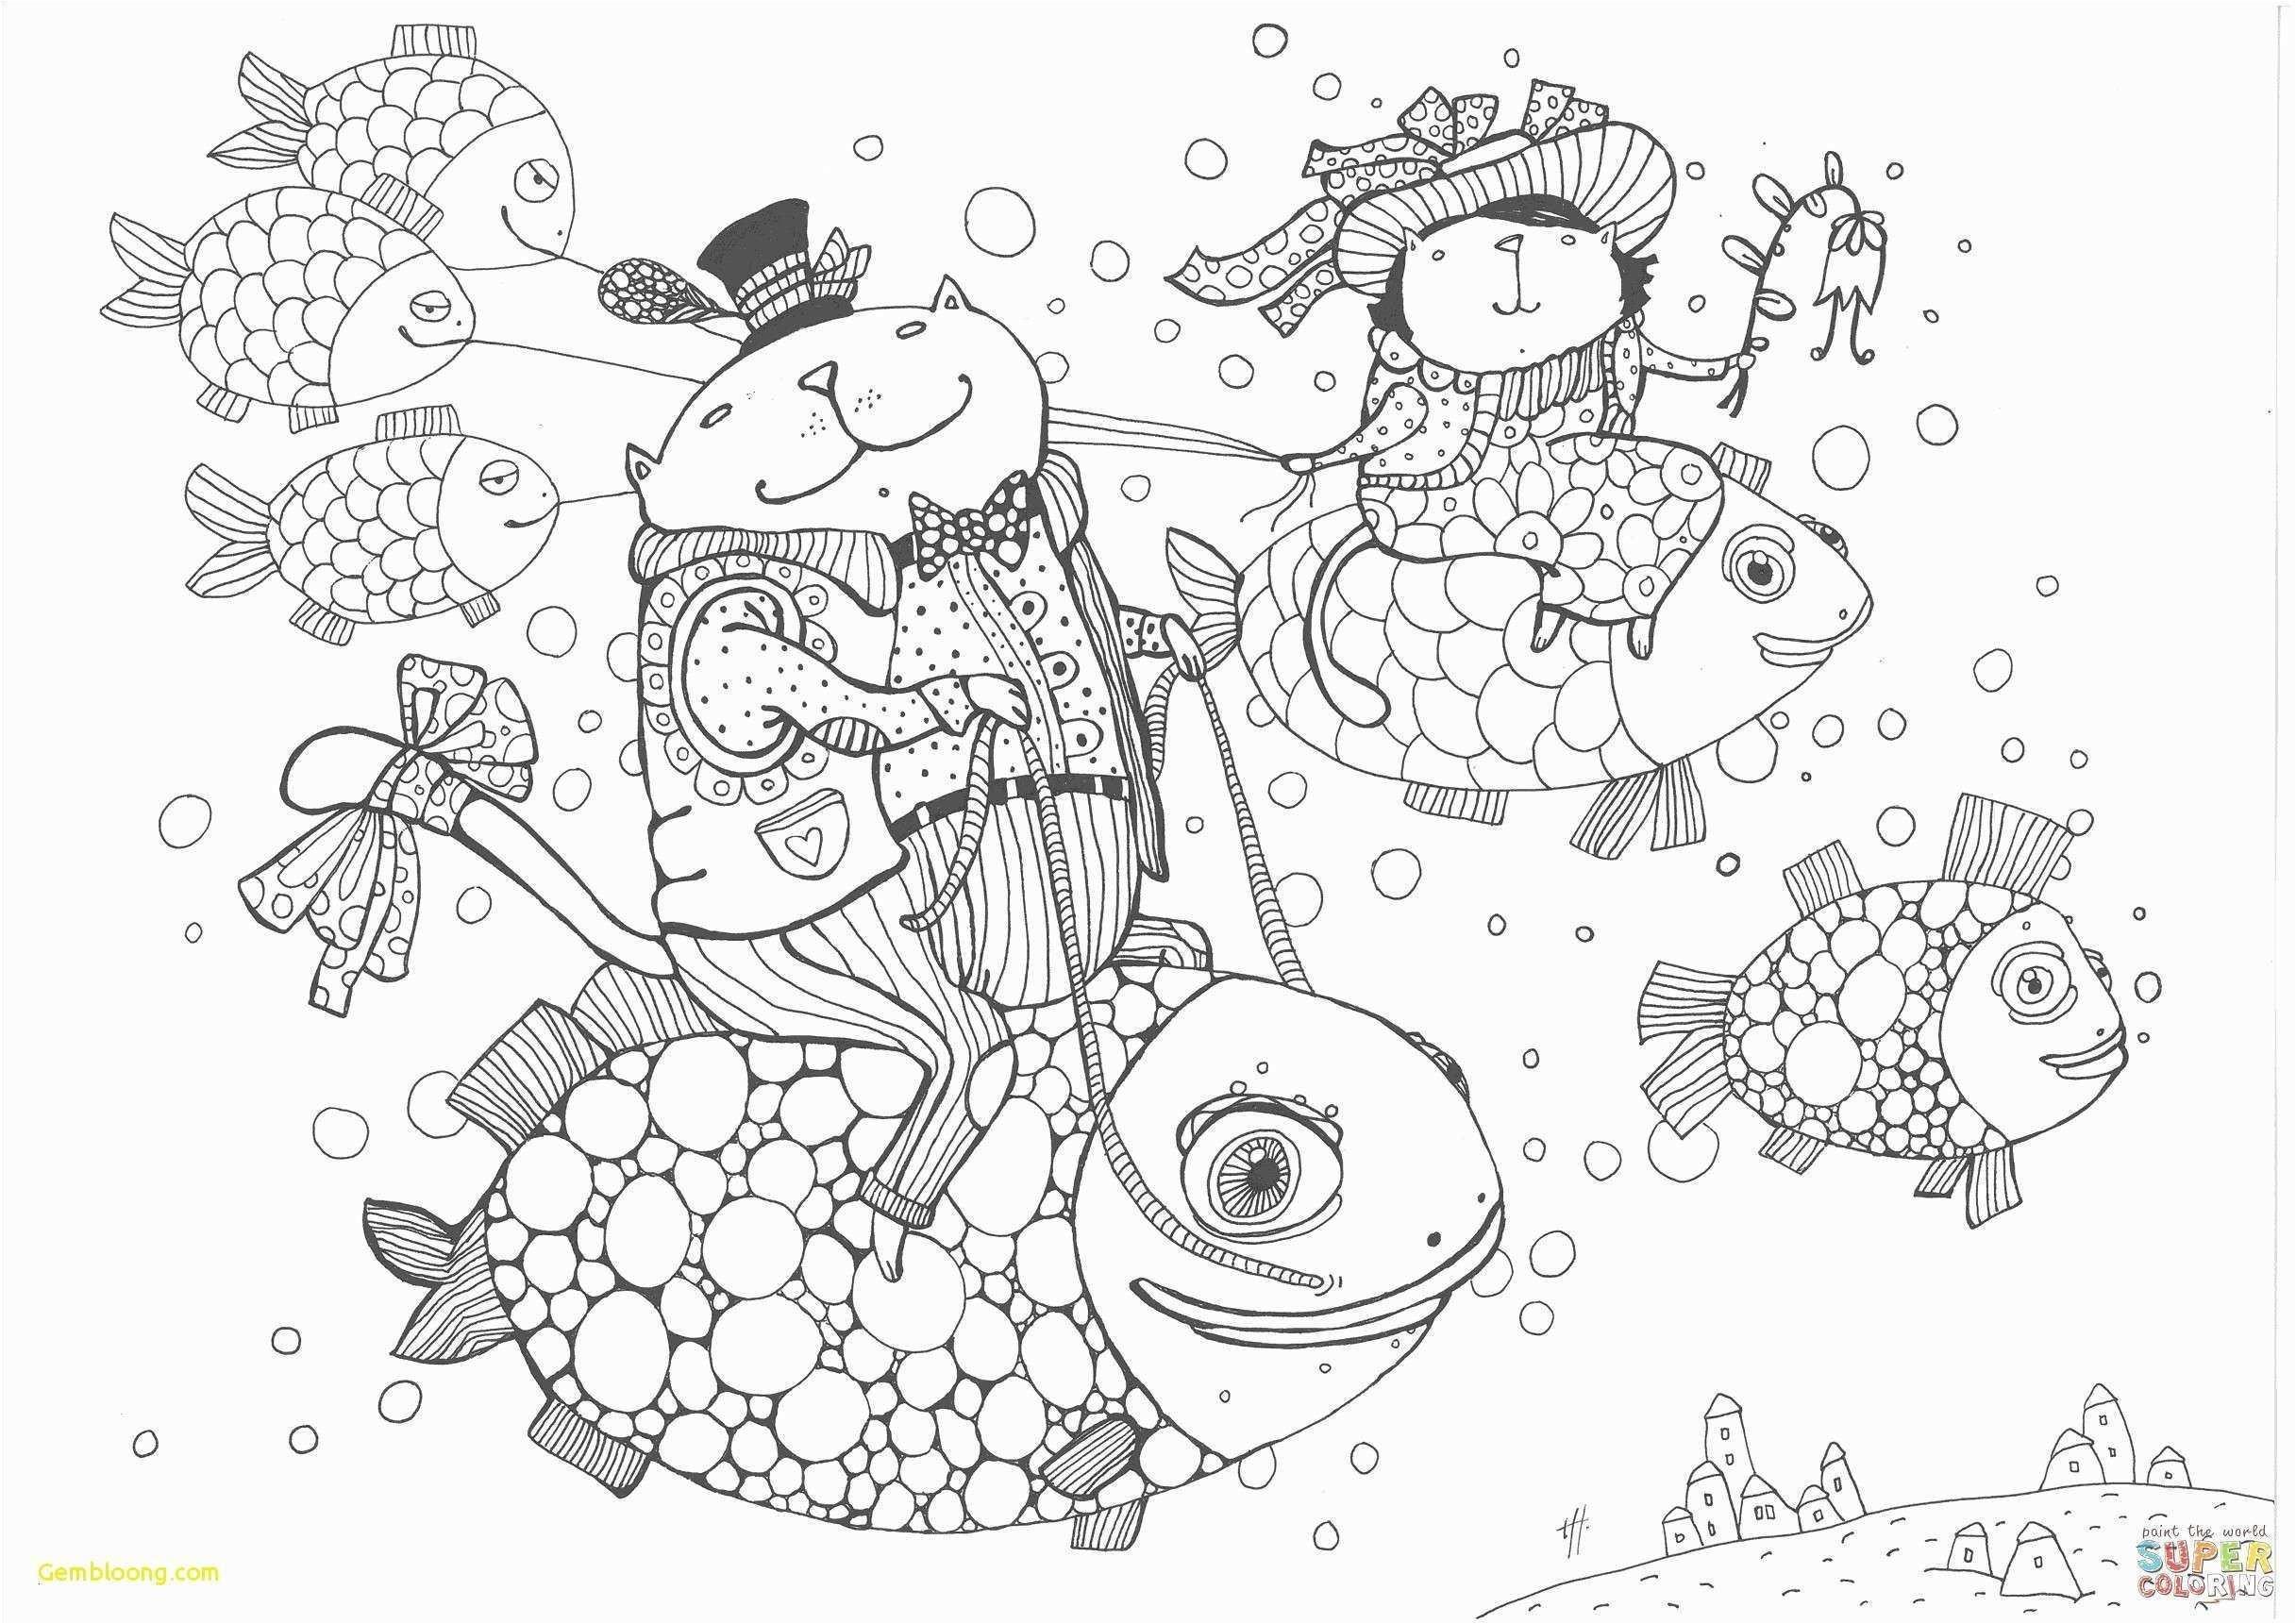 Malvorlagen Weihnachten Einzigartig 36 Awesome Kinder Malvorlagen Weihnachten Malvorlagen Kinder Txdf Galerie